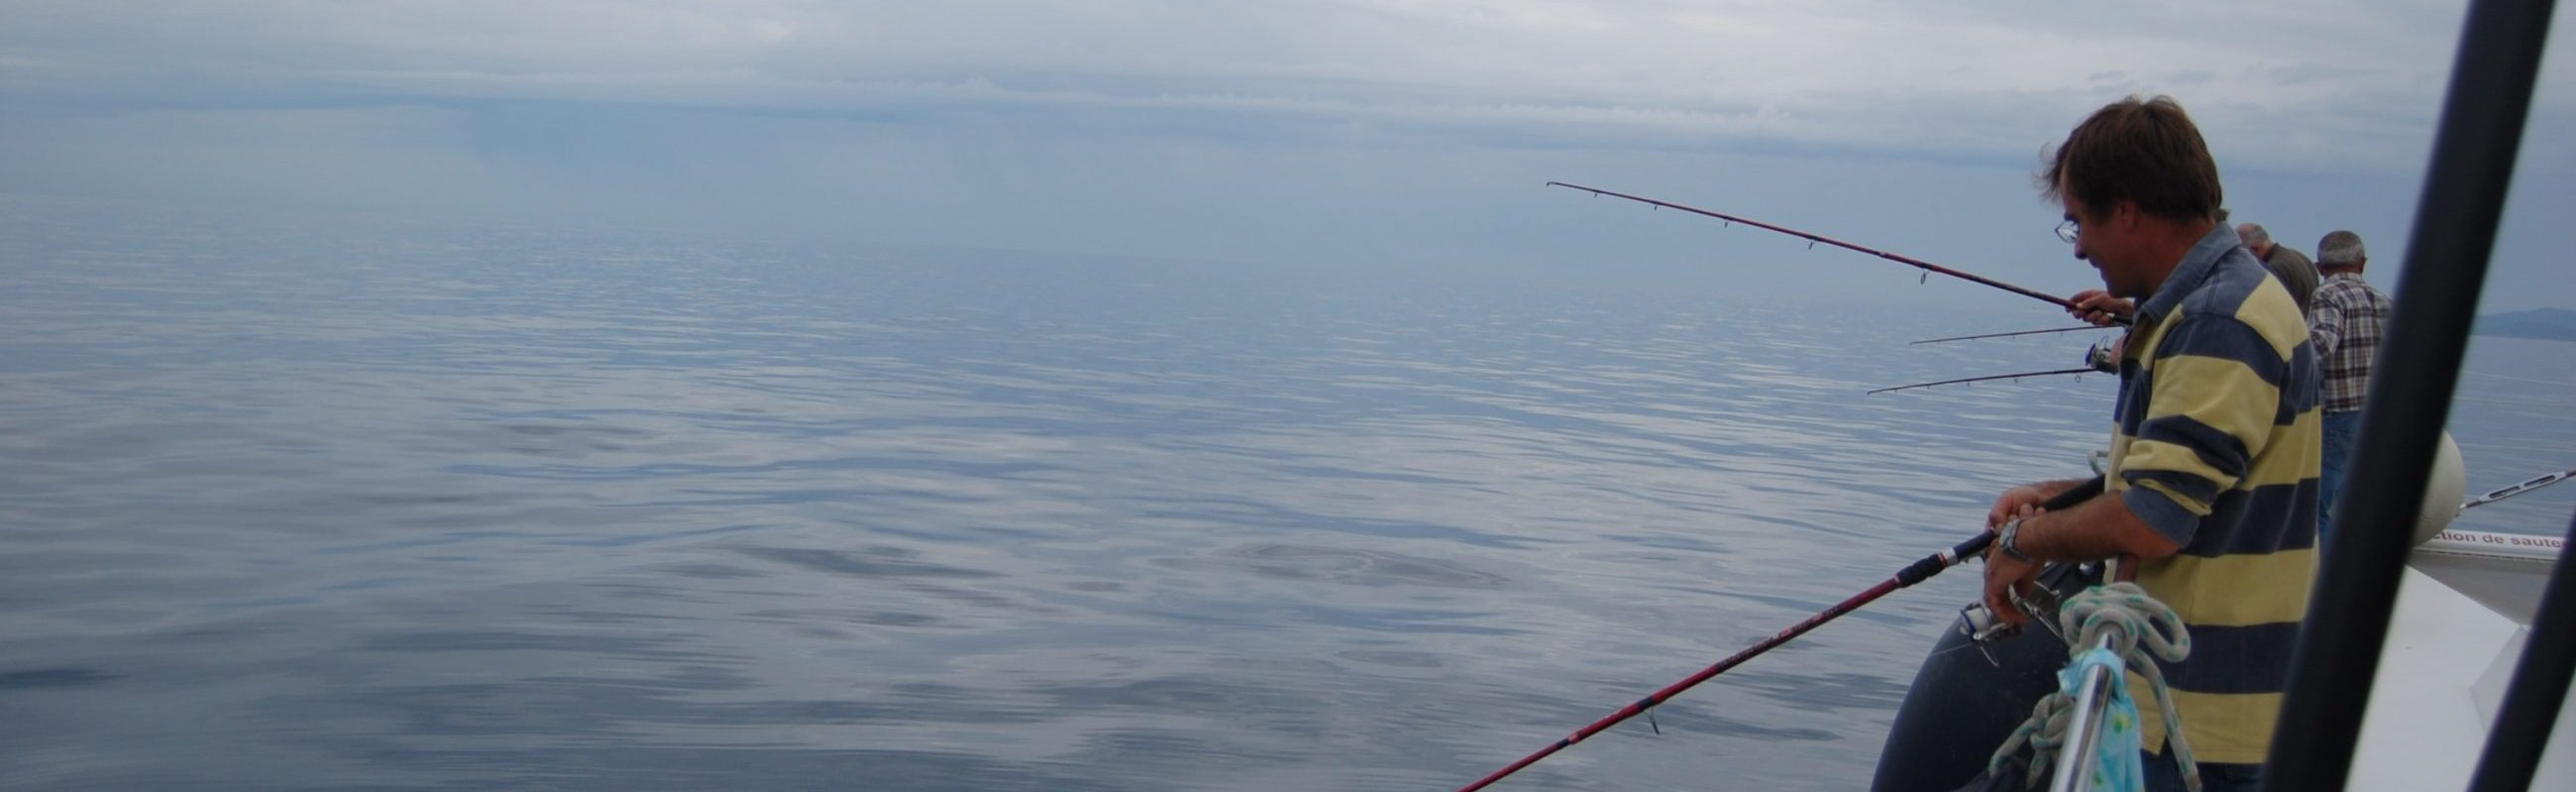 catamaran navivoile pêche côtière en face de canet en roussillon